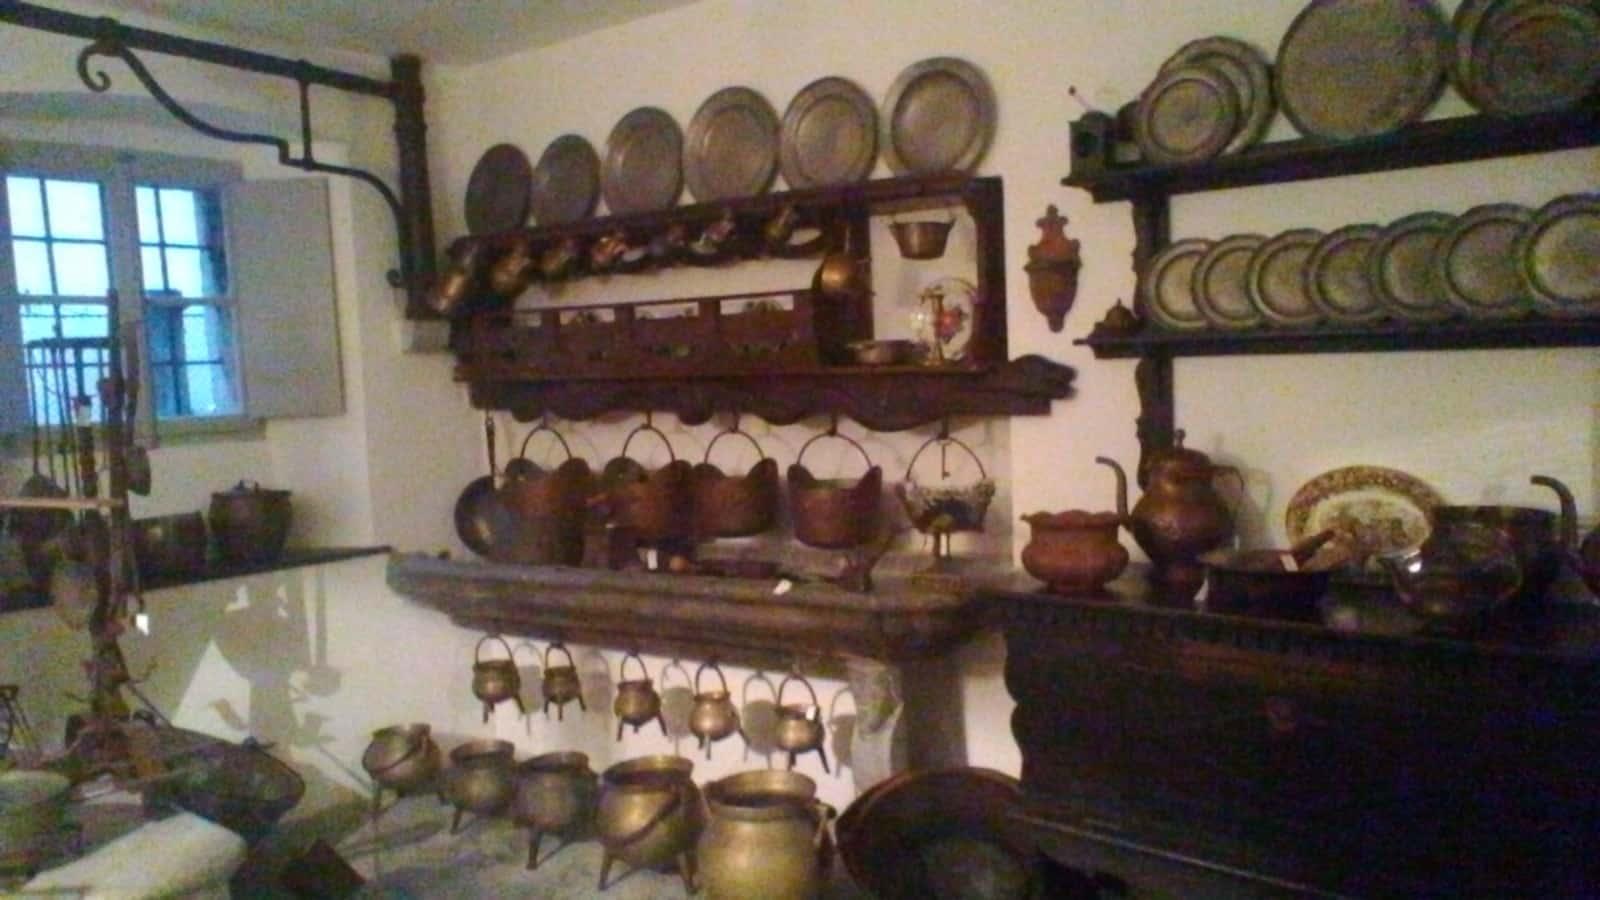 Casa bruseschi piccolo museo della casa carnica for Piccolo creatore della pianta della casa